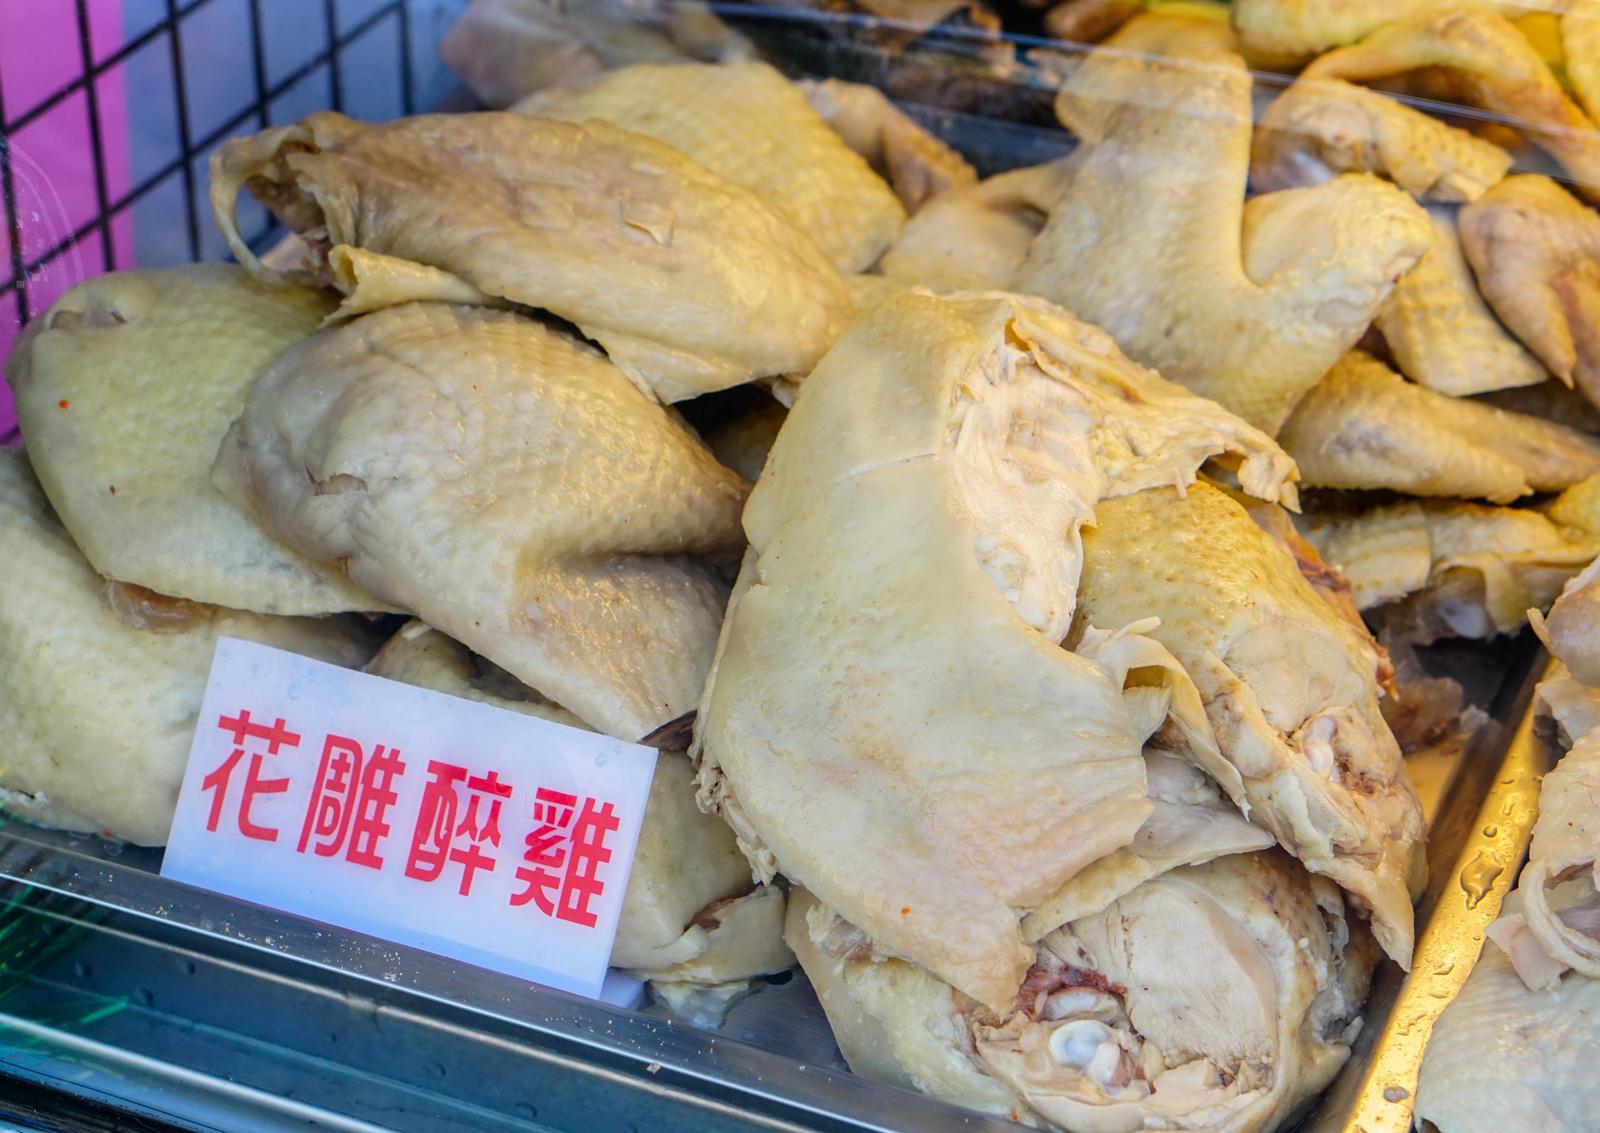 [屏東]新鮮雞會-超涮嘴花雕醉雞x蔥香油雞 清爽不死鹹 驚豔溫體雞口感 東港美食推薦 @美食好芃友